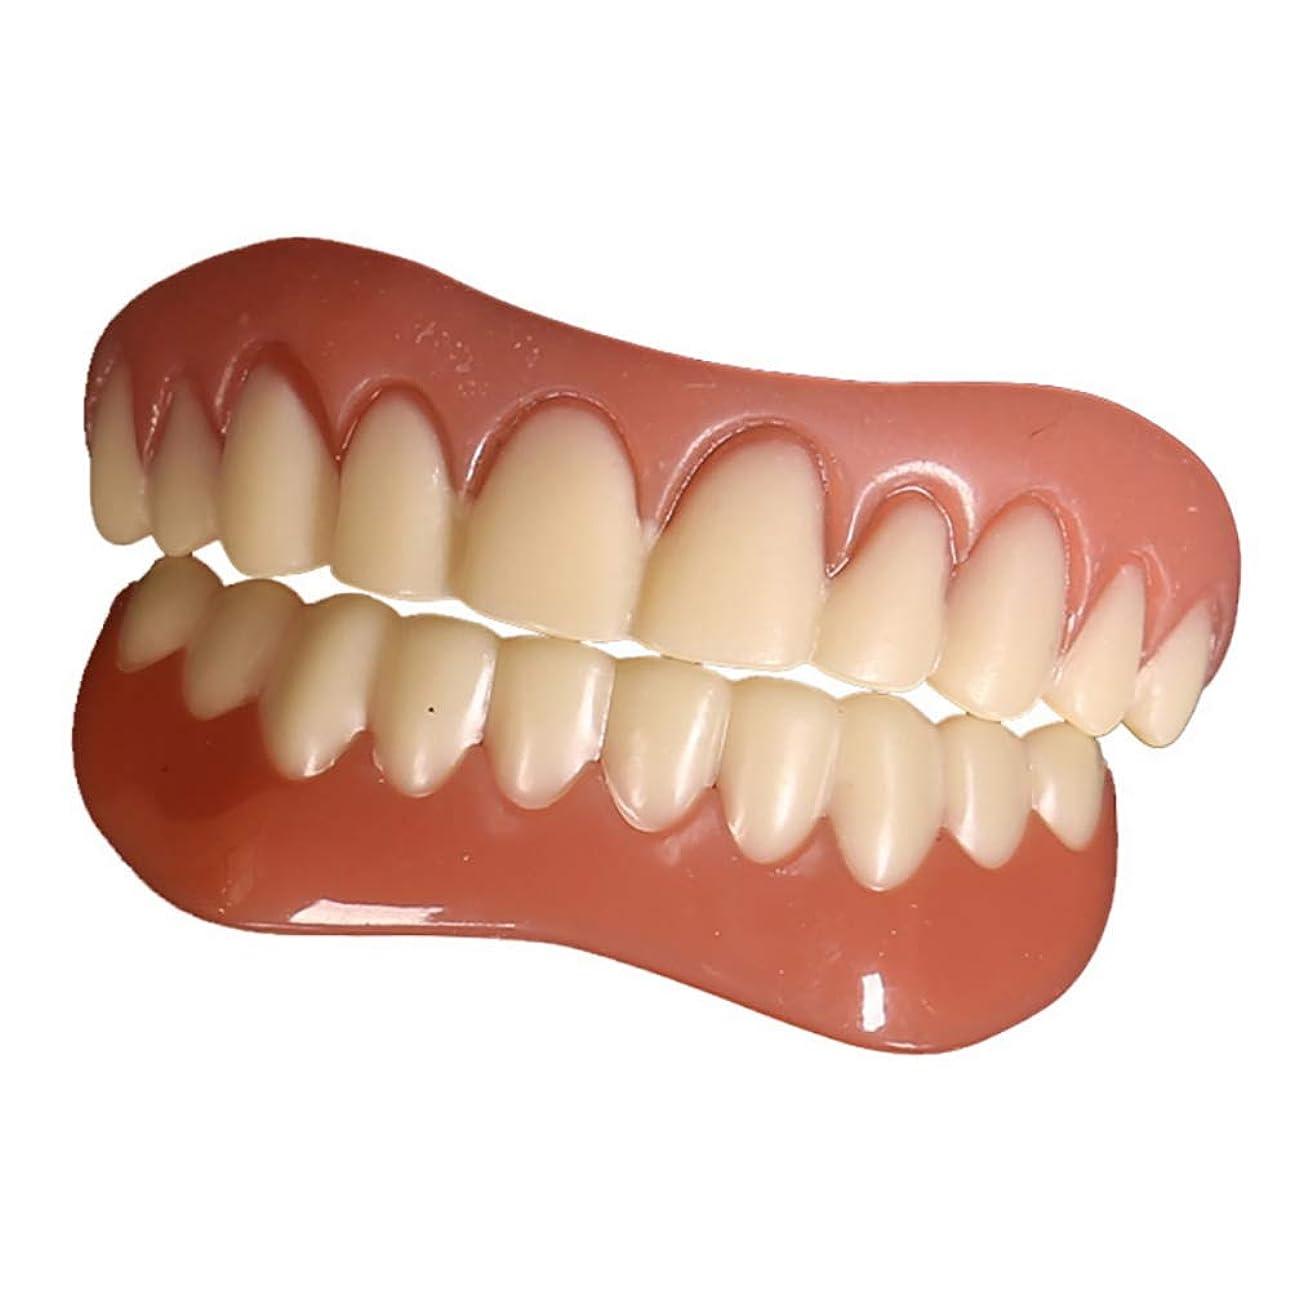 の前でコンクリート実験シリコーン歯突き板ホワイトニングパーフェクトスマイルコンフォートフィットフレックス歯トップトゥース化粧品突き板ワンサイズフィットすべて - 2個